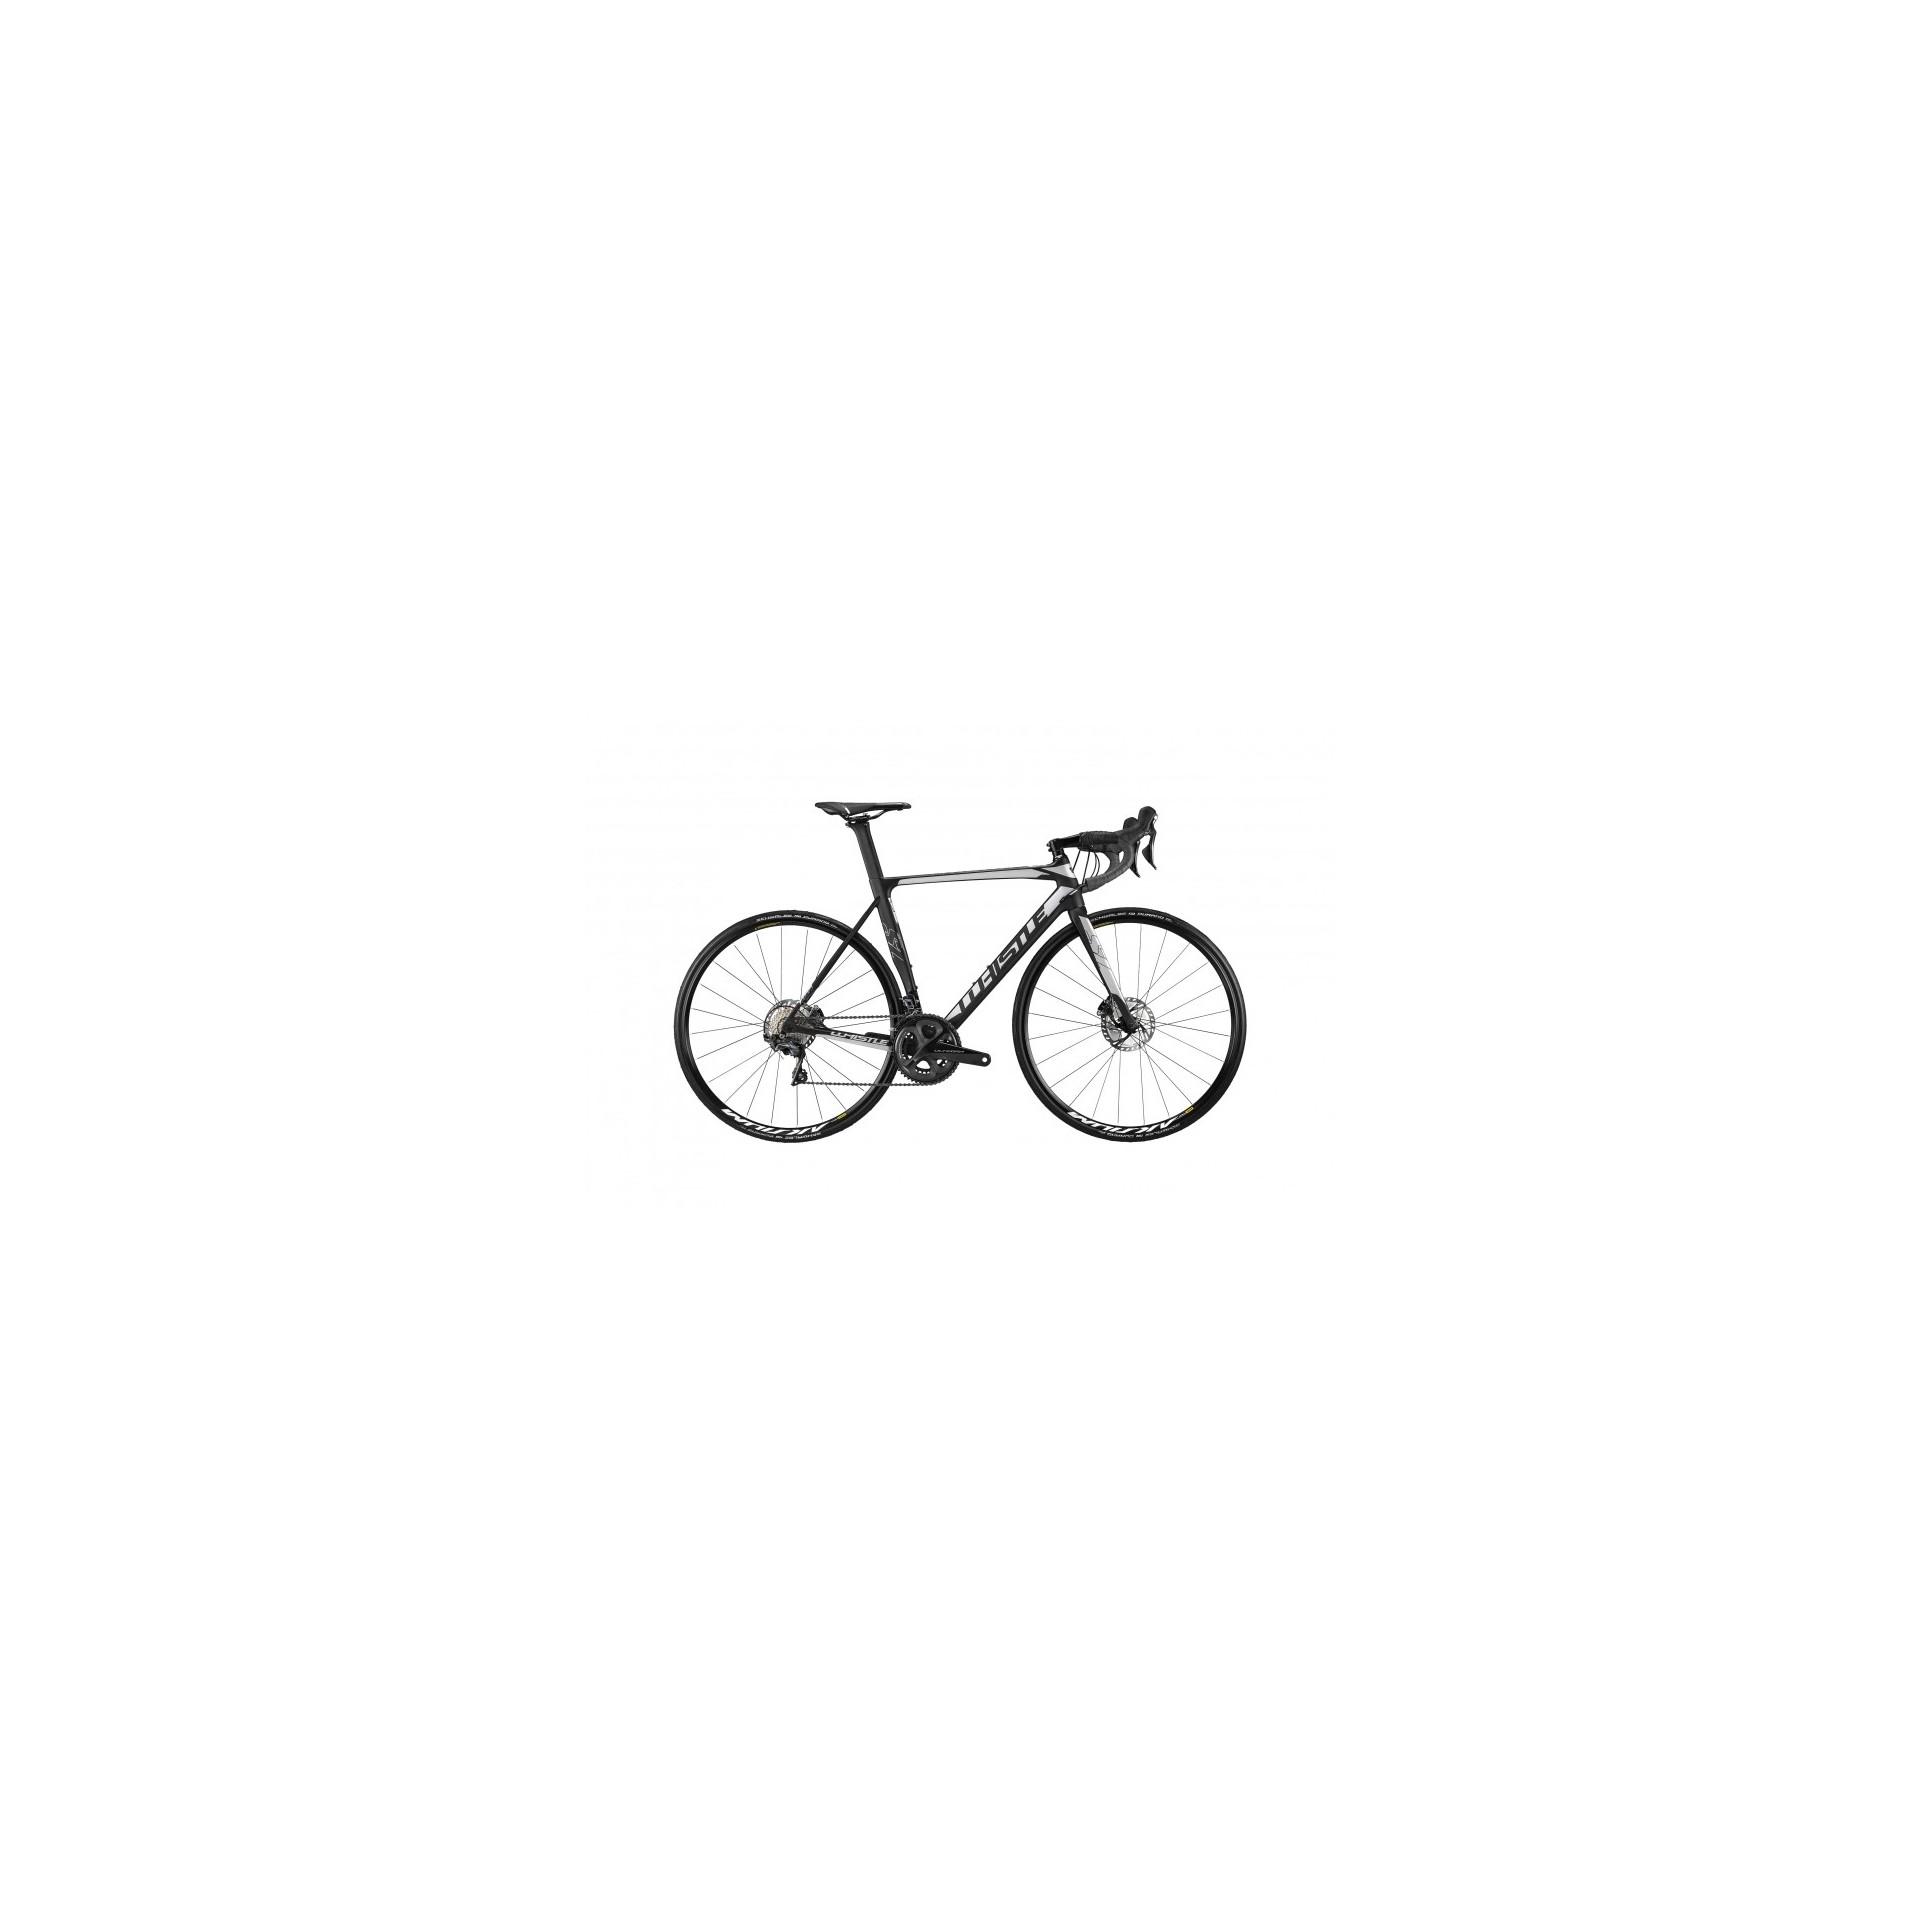 Rowery Szosowe Marki Whistle Najlepsze Rowery w Jednym Miejscu